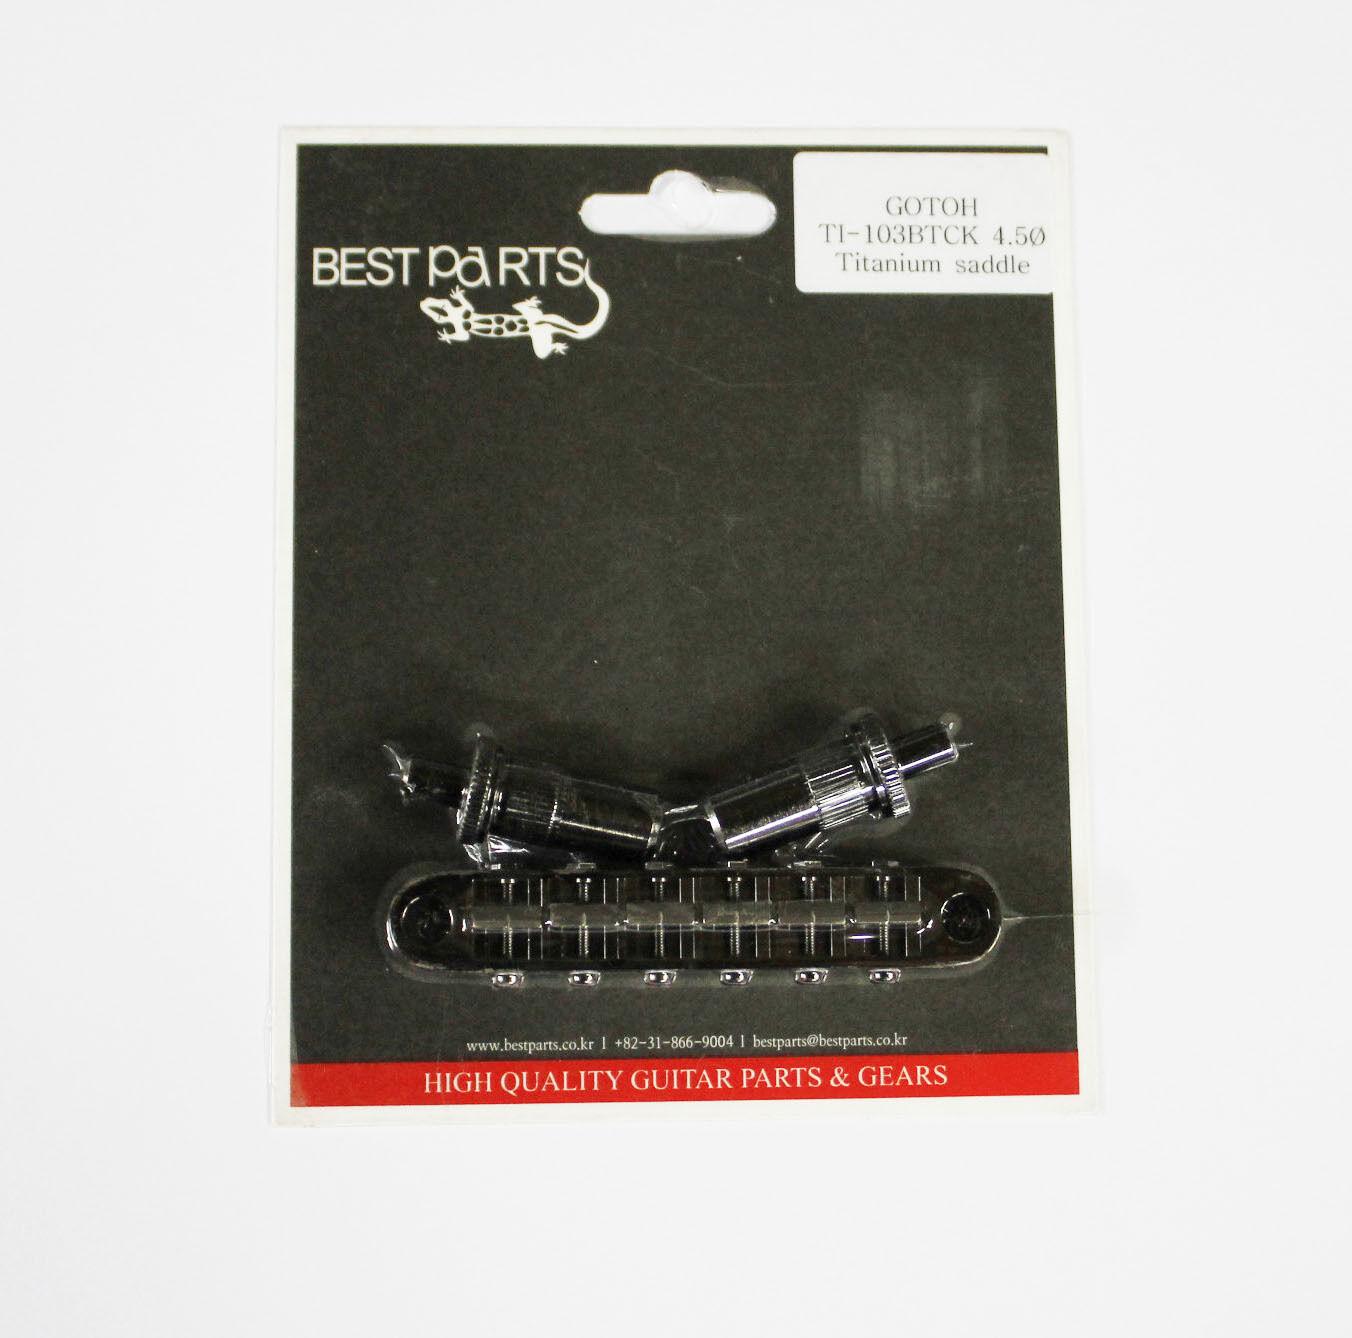 GOTOH Titanium saddle Tune-o-matic Bridge TI103-BTCK COSMO BK Epiphone Les Paul